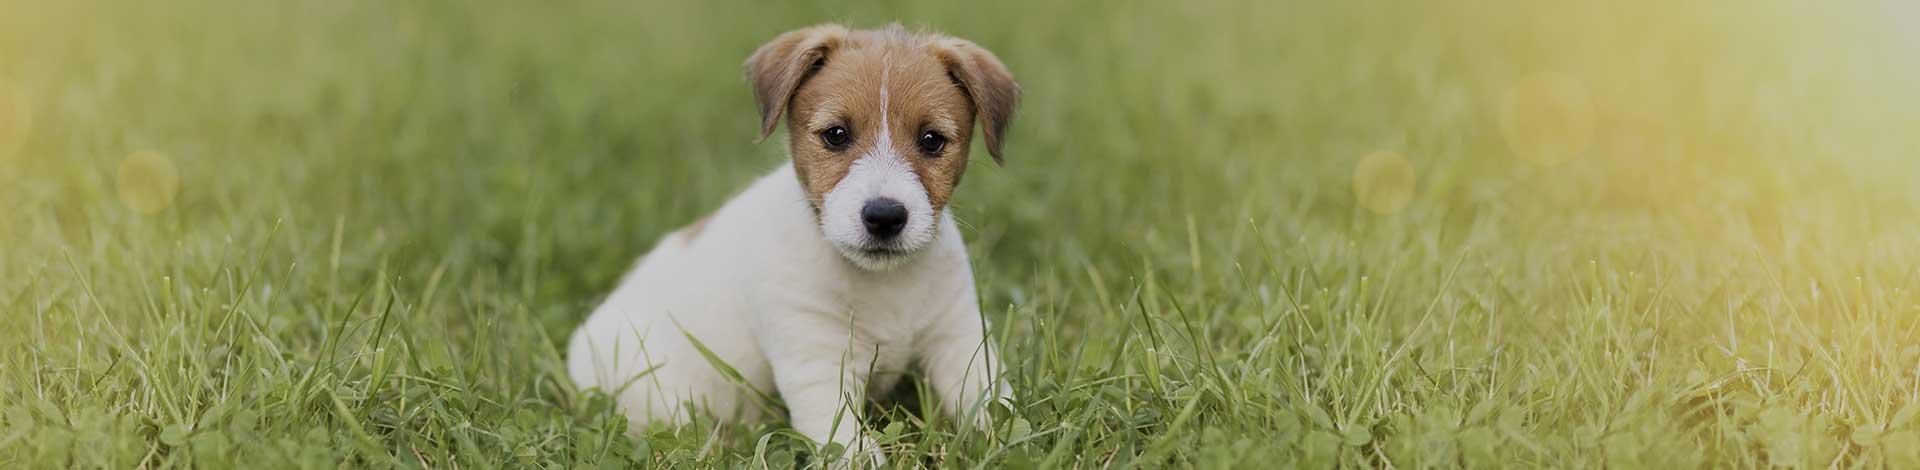 New puppy veterinary exams